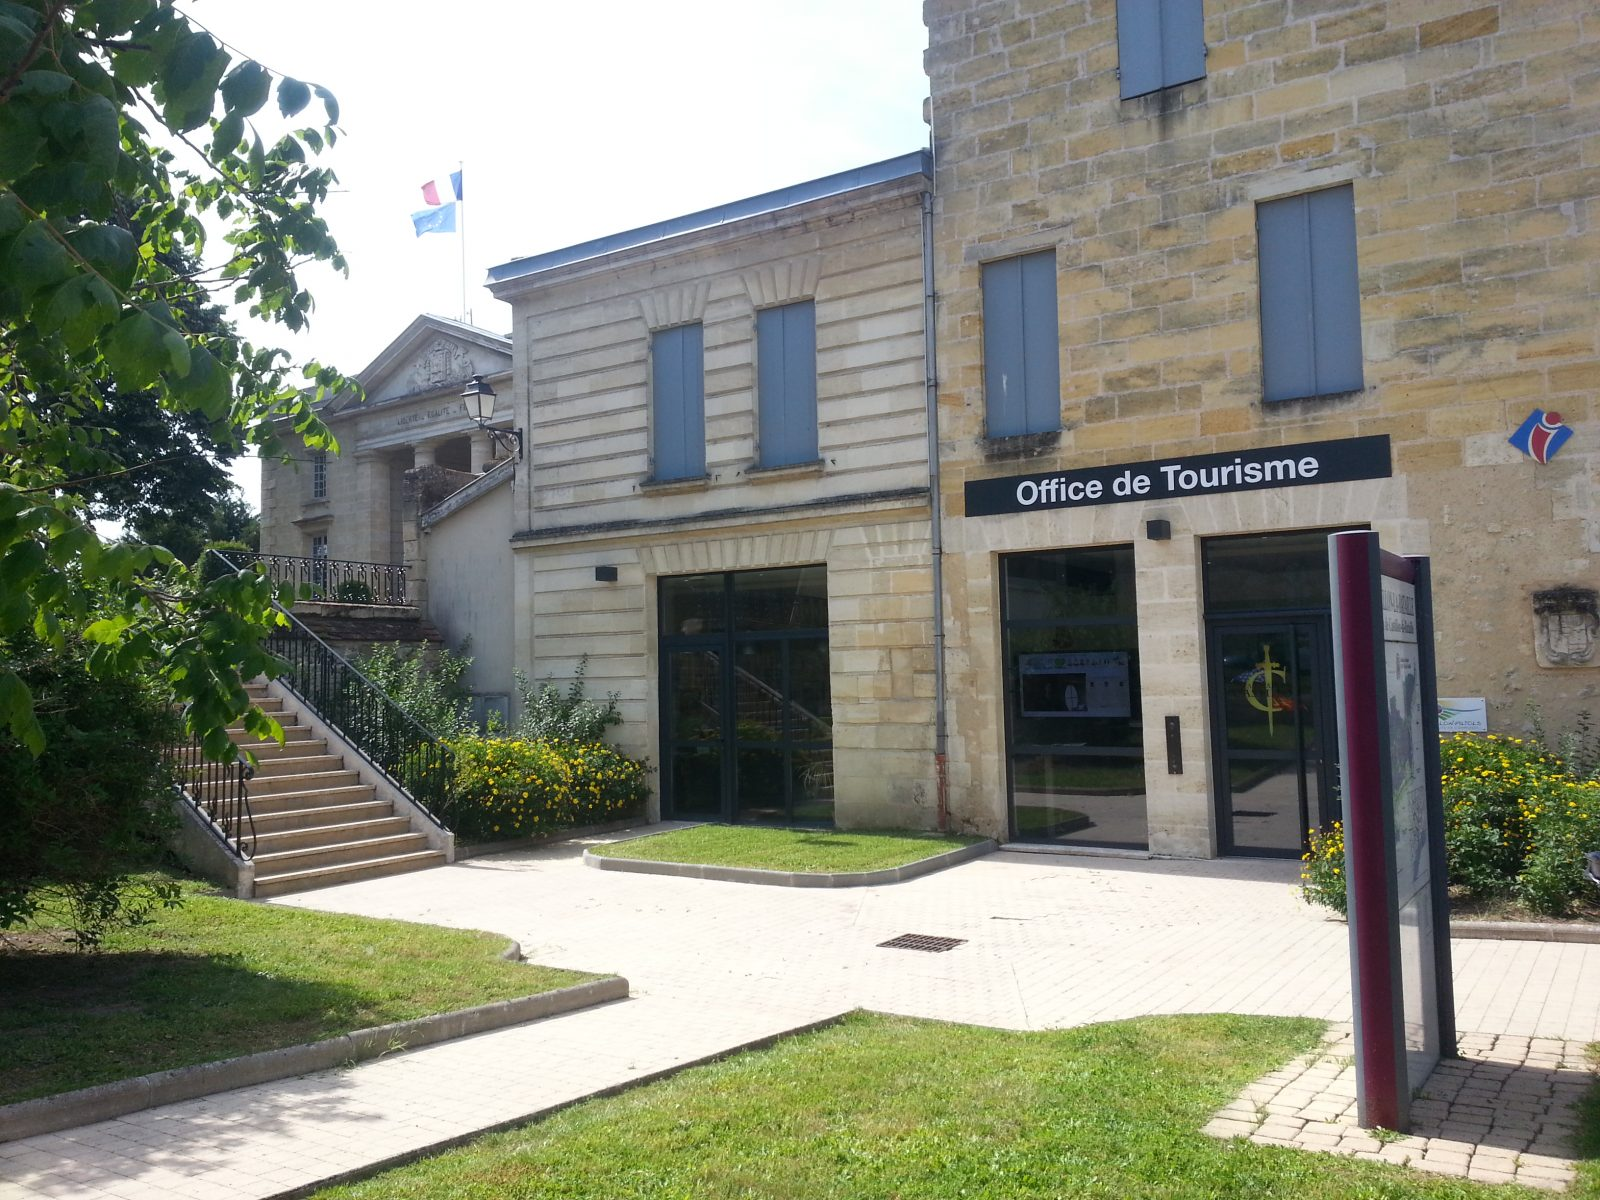 Bureau d'information touristique de Castillon-la-Bataille